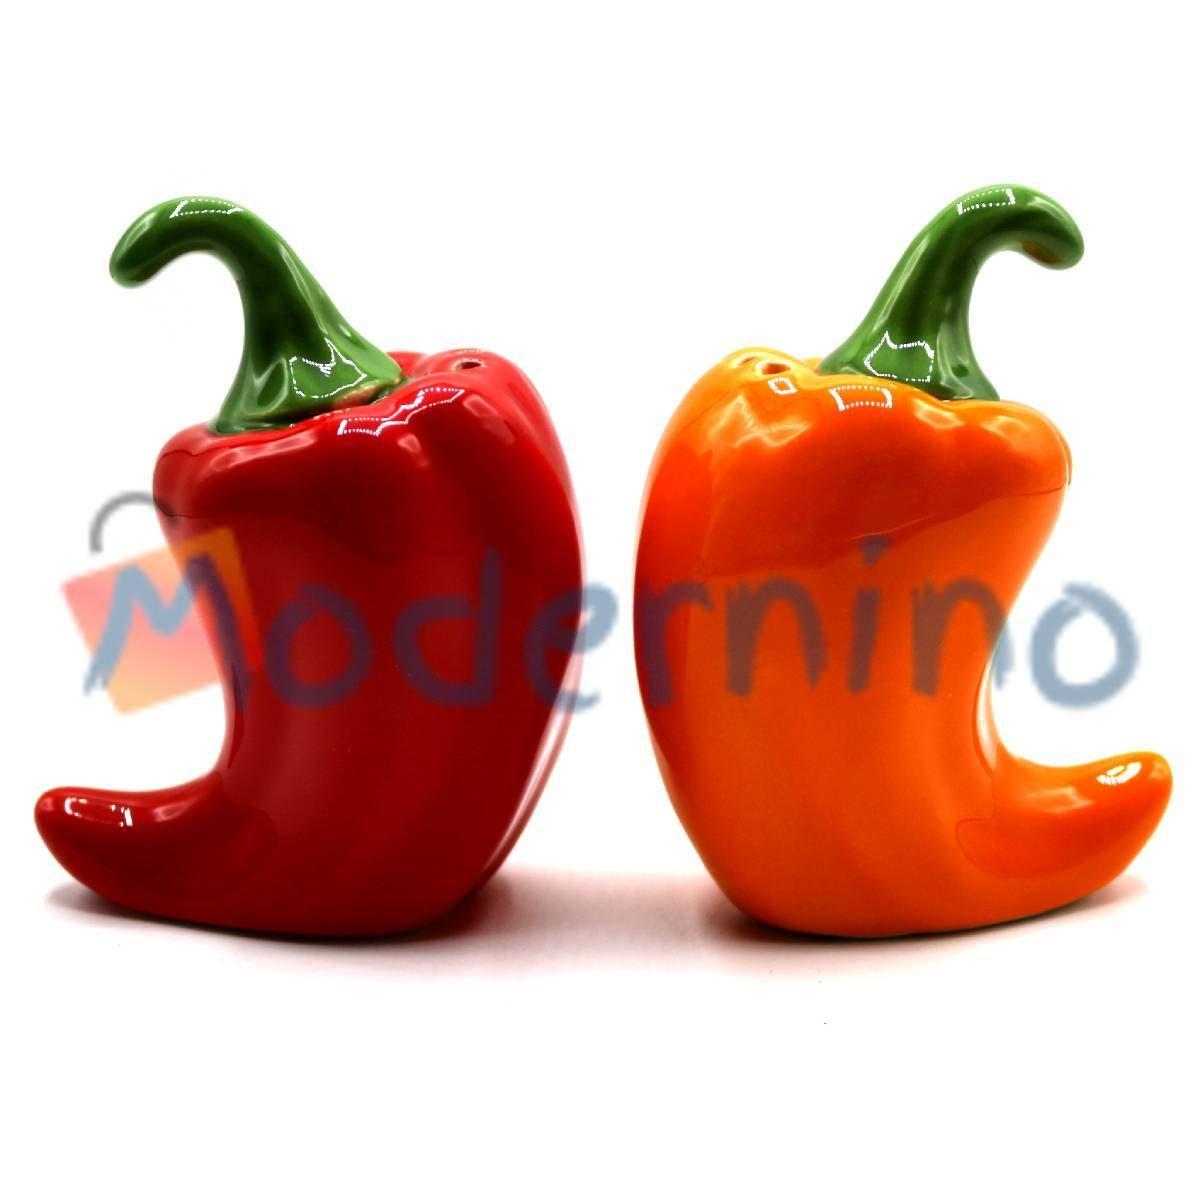 ست نمک و فلفل پاش امبیکو طرح فلفل رنگ قرمز و نارنجی